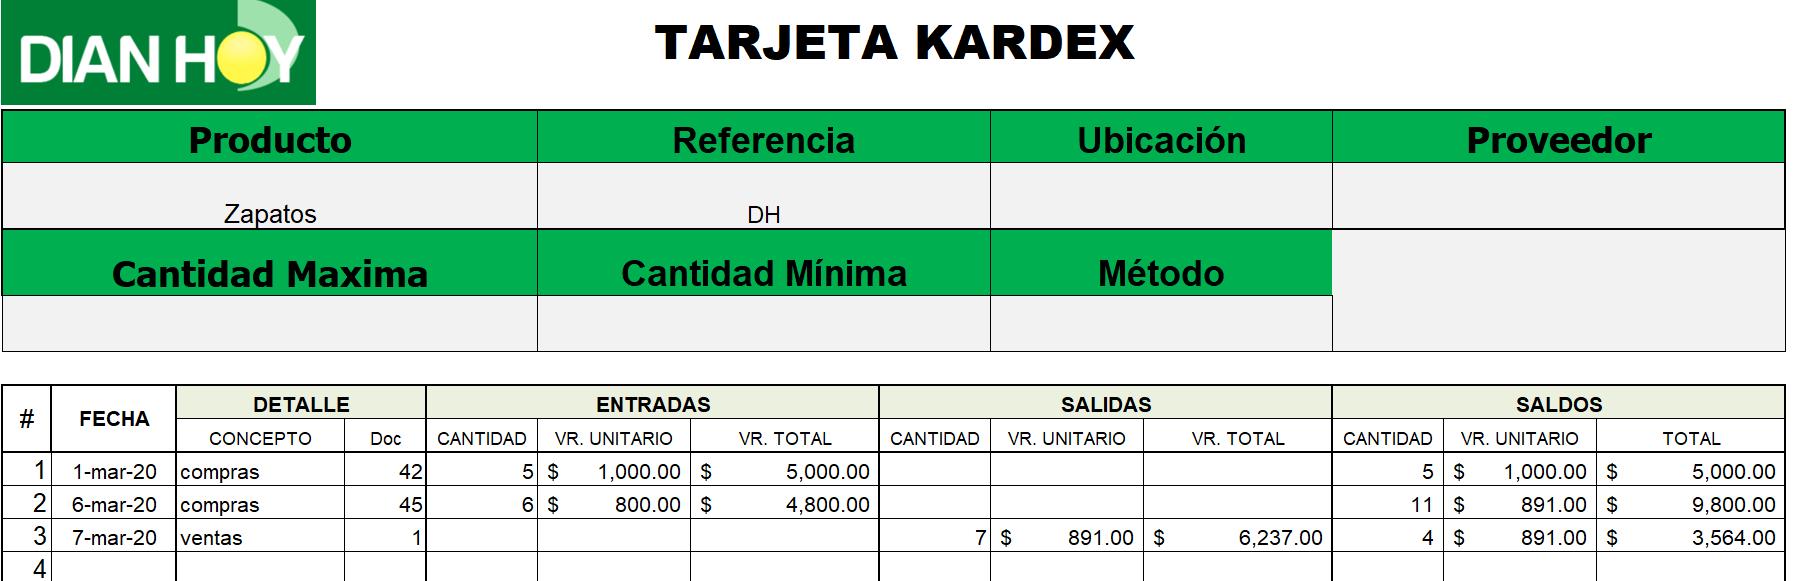 kardex promedio ponderado